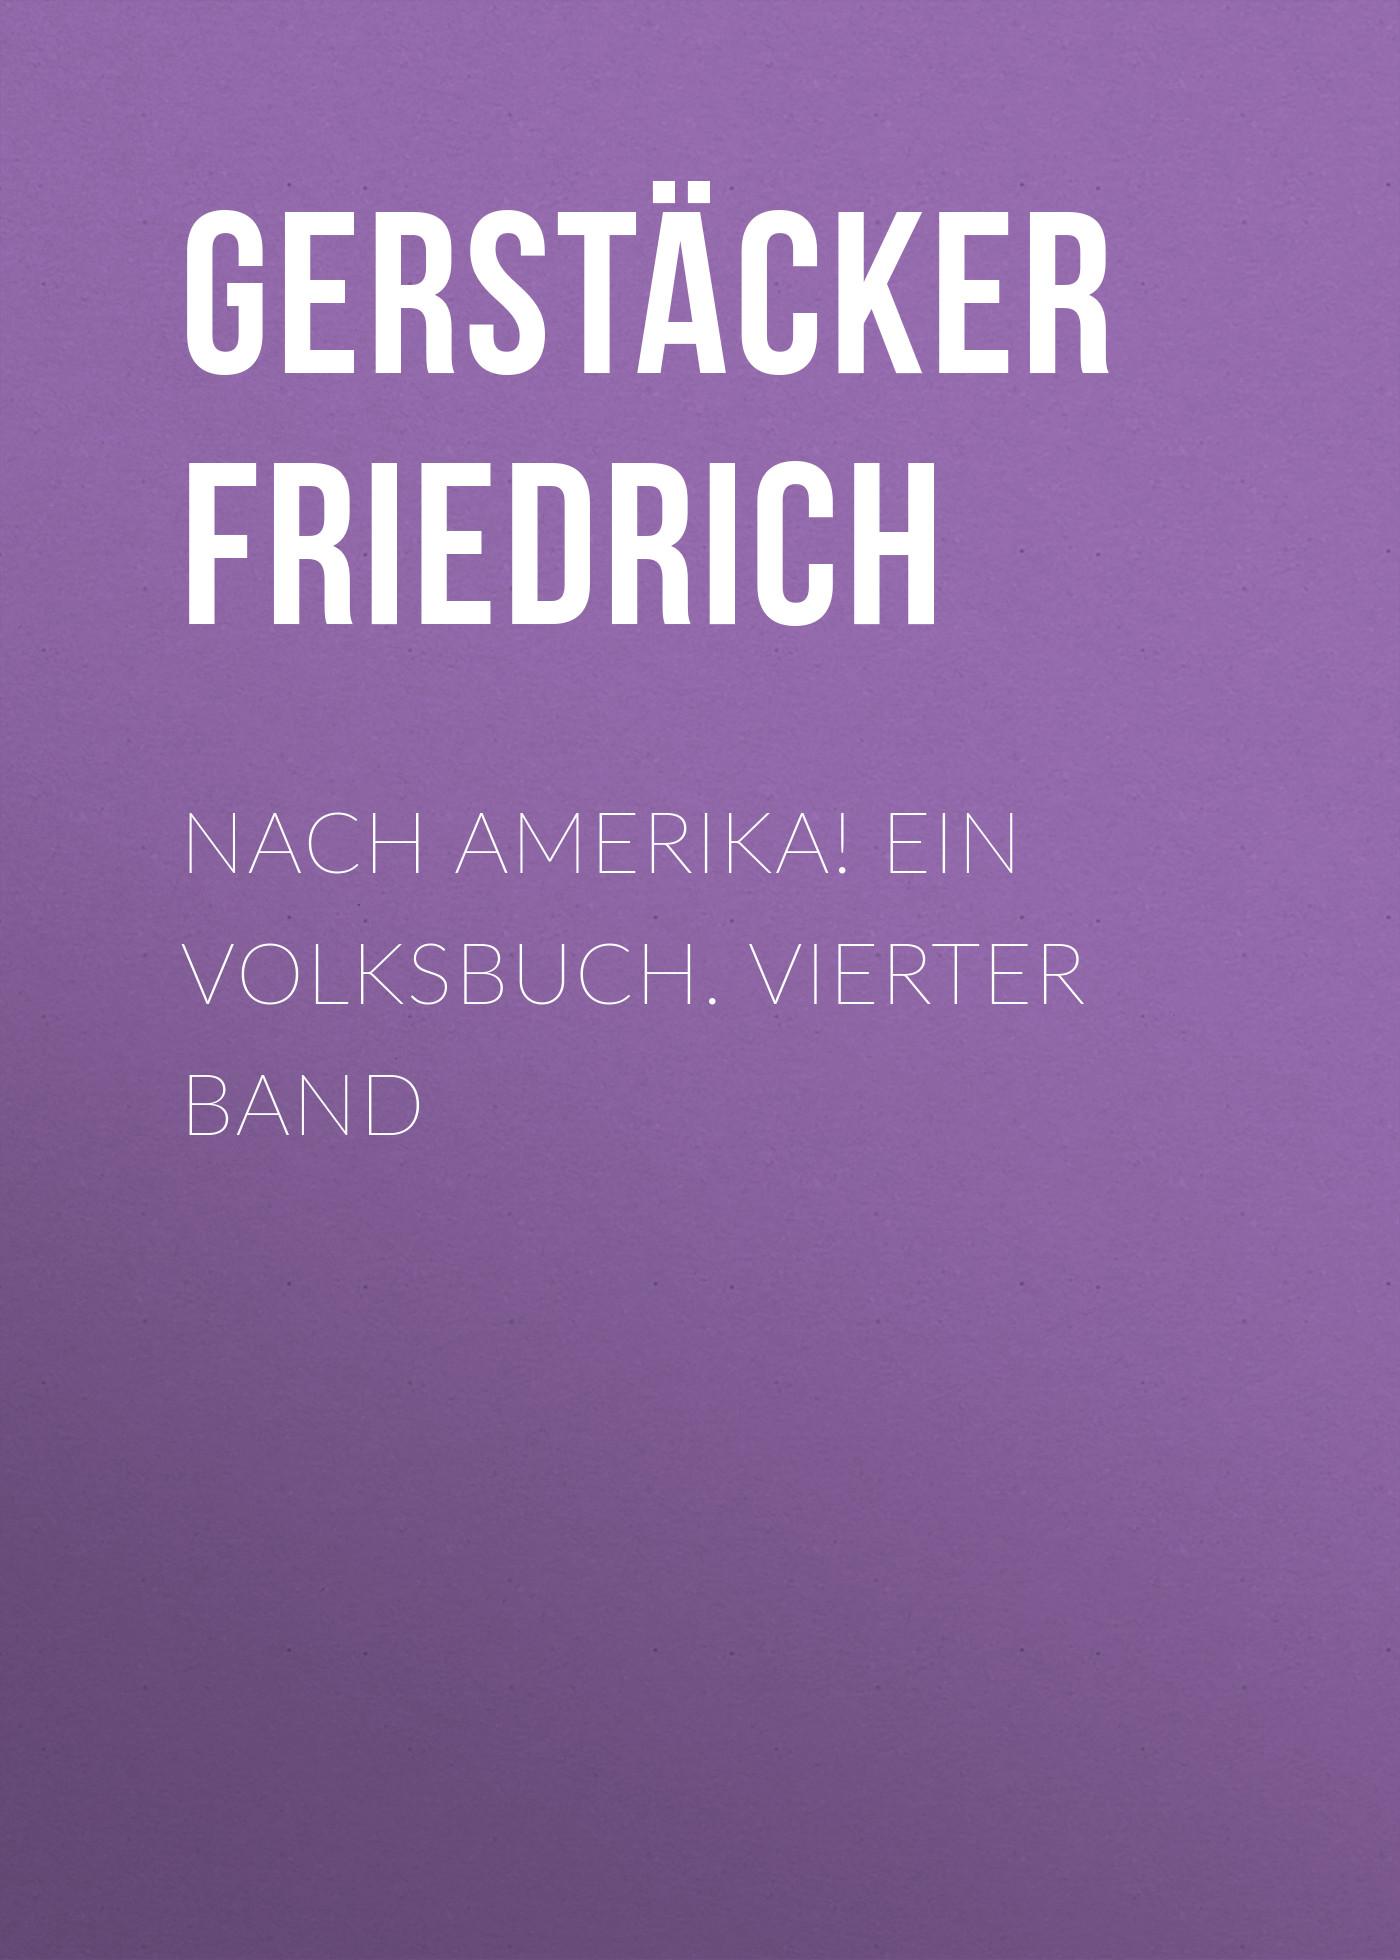 Gerstäcker Friedrich Nach Amerika! Ein Volksbuch. Vierter Band